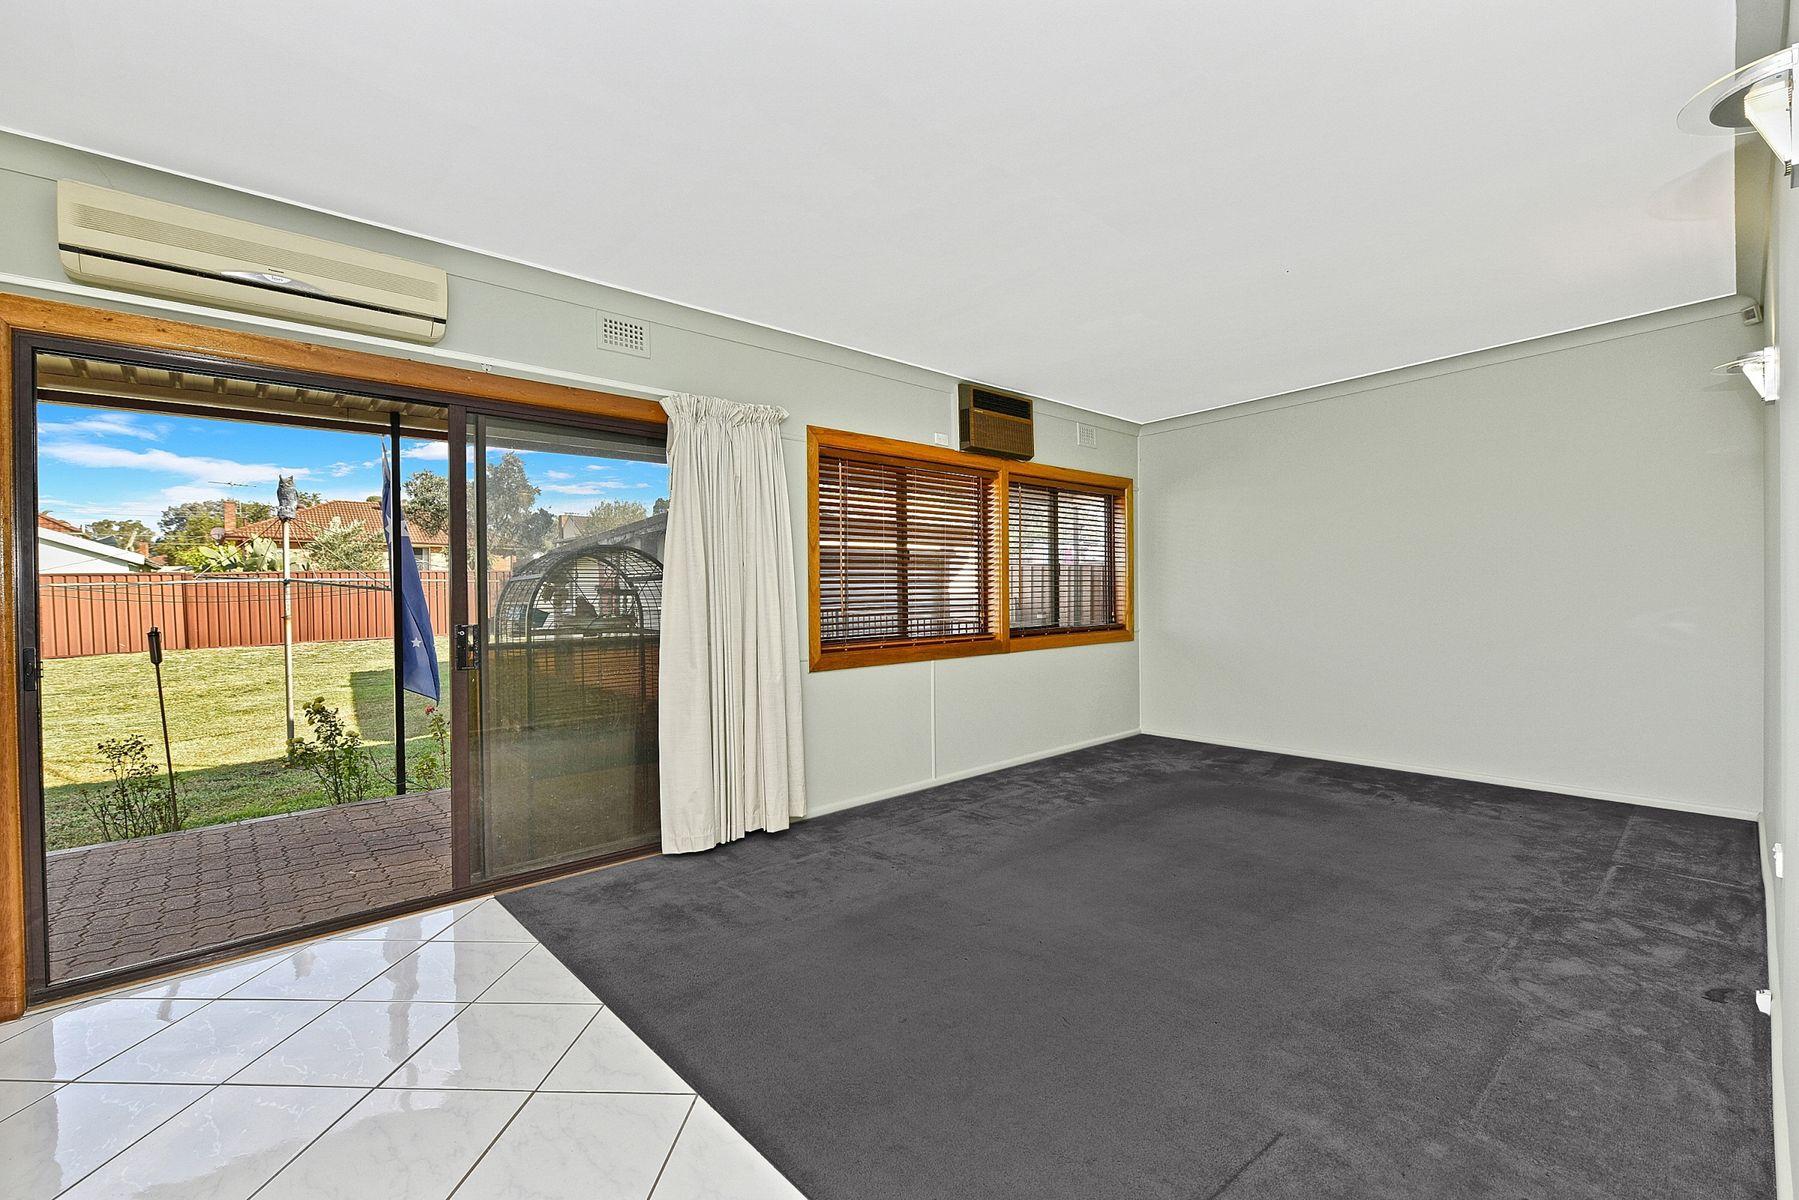 61 Alcoomie Street, Villawood, NSW 2163